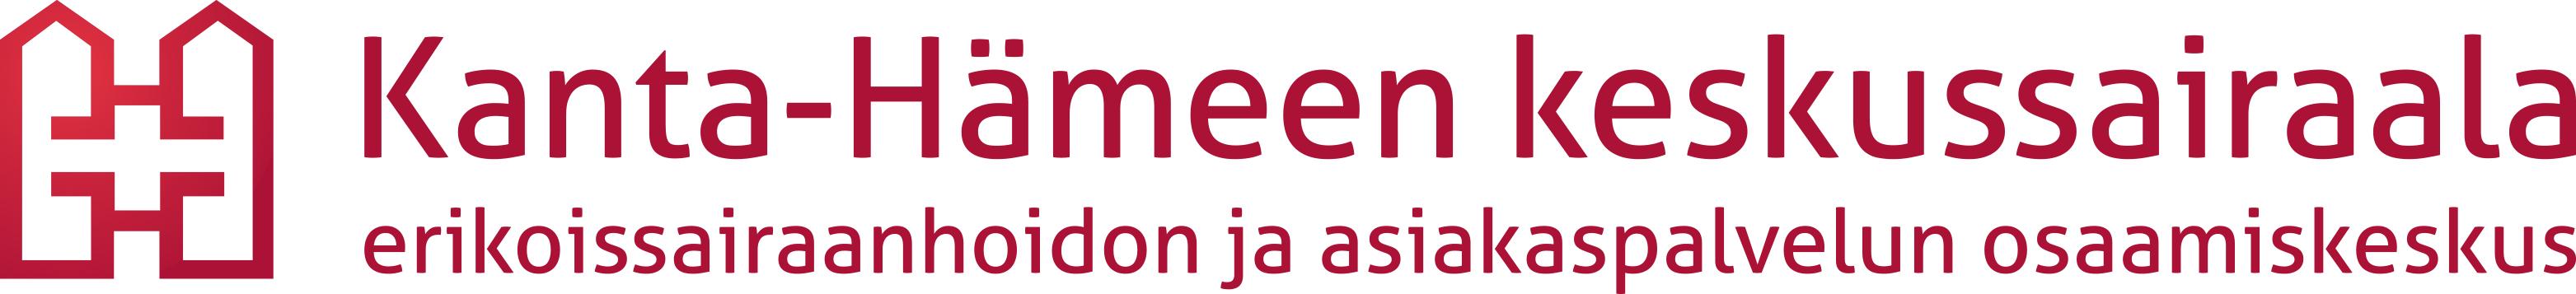 Kanta-Hämeen Keskussairaala logo